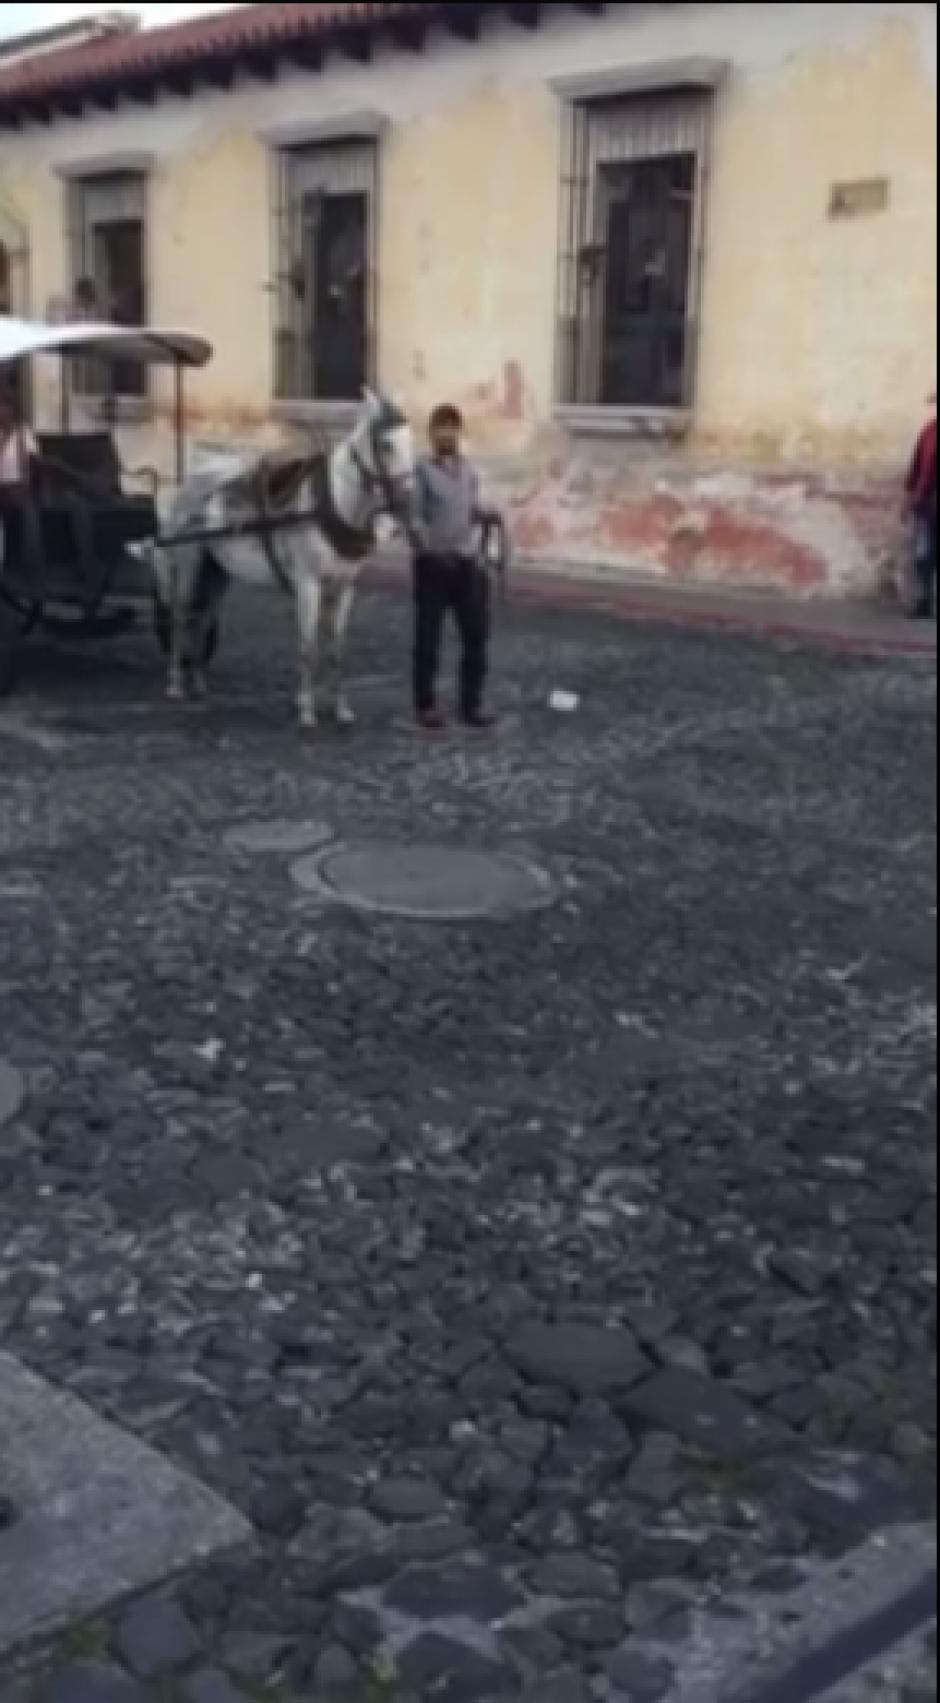 Un hombre trata de convencer a la yegua de seguir su camino, pero esta se resiste. (Captura Facebook)